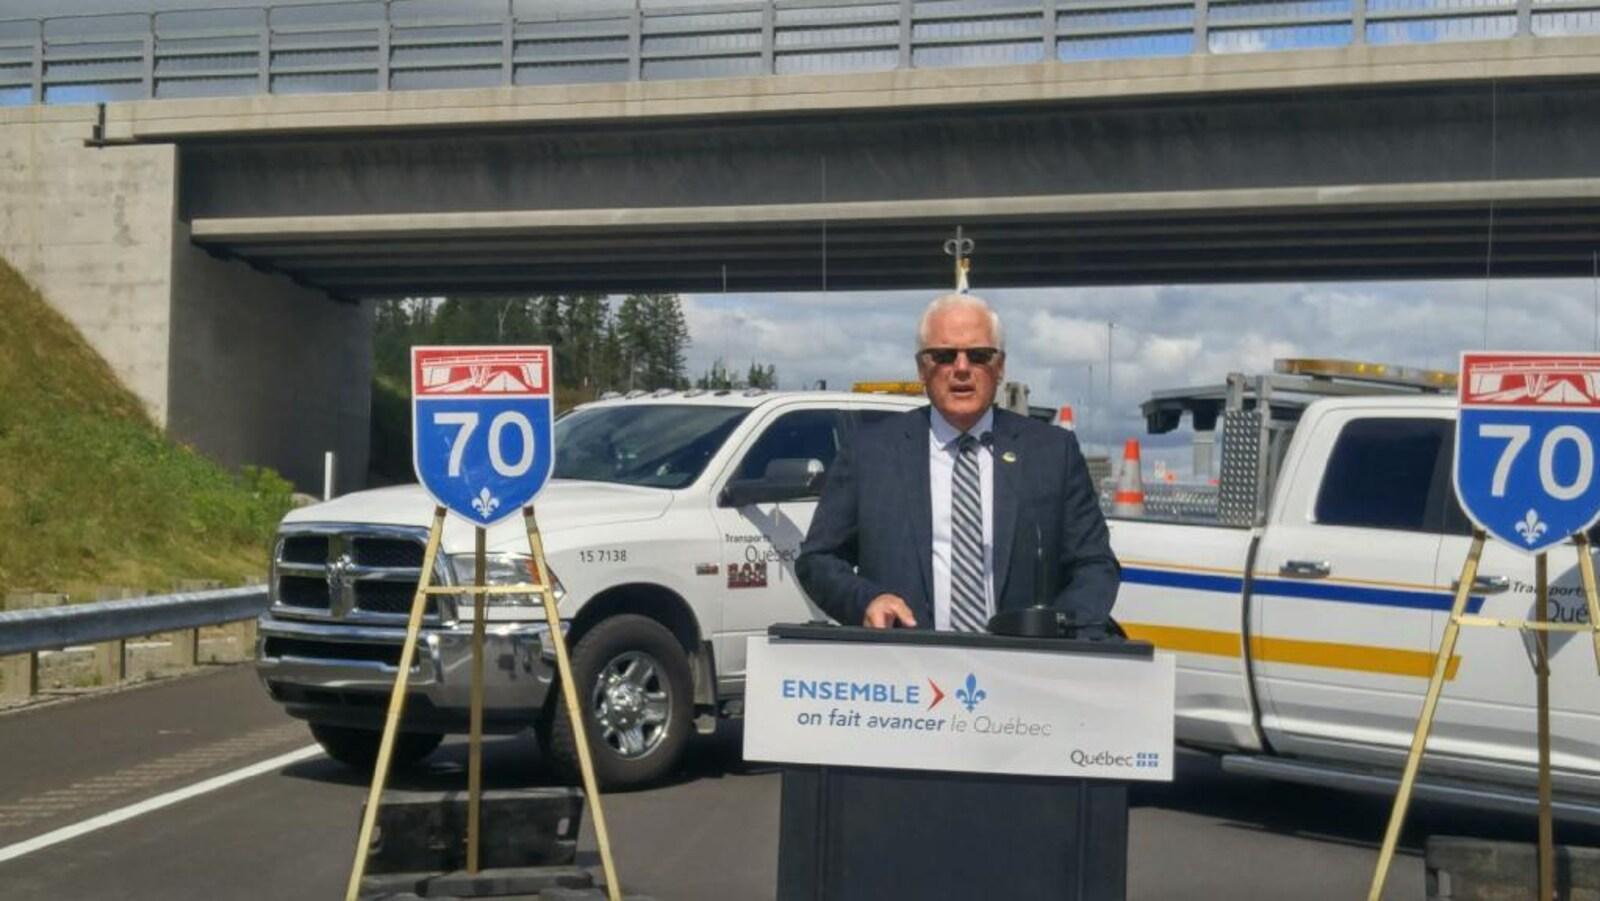 Le député de Dubuc, Serge Simard inaugure le nouveau tronçon de l'autoroute 70 entre Chicoutimi et La Baie.